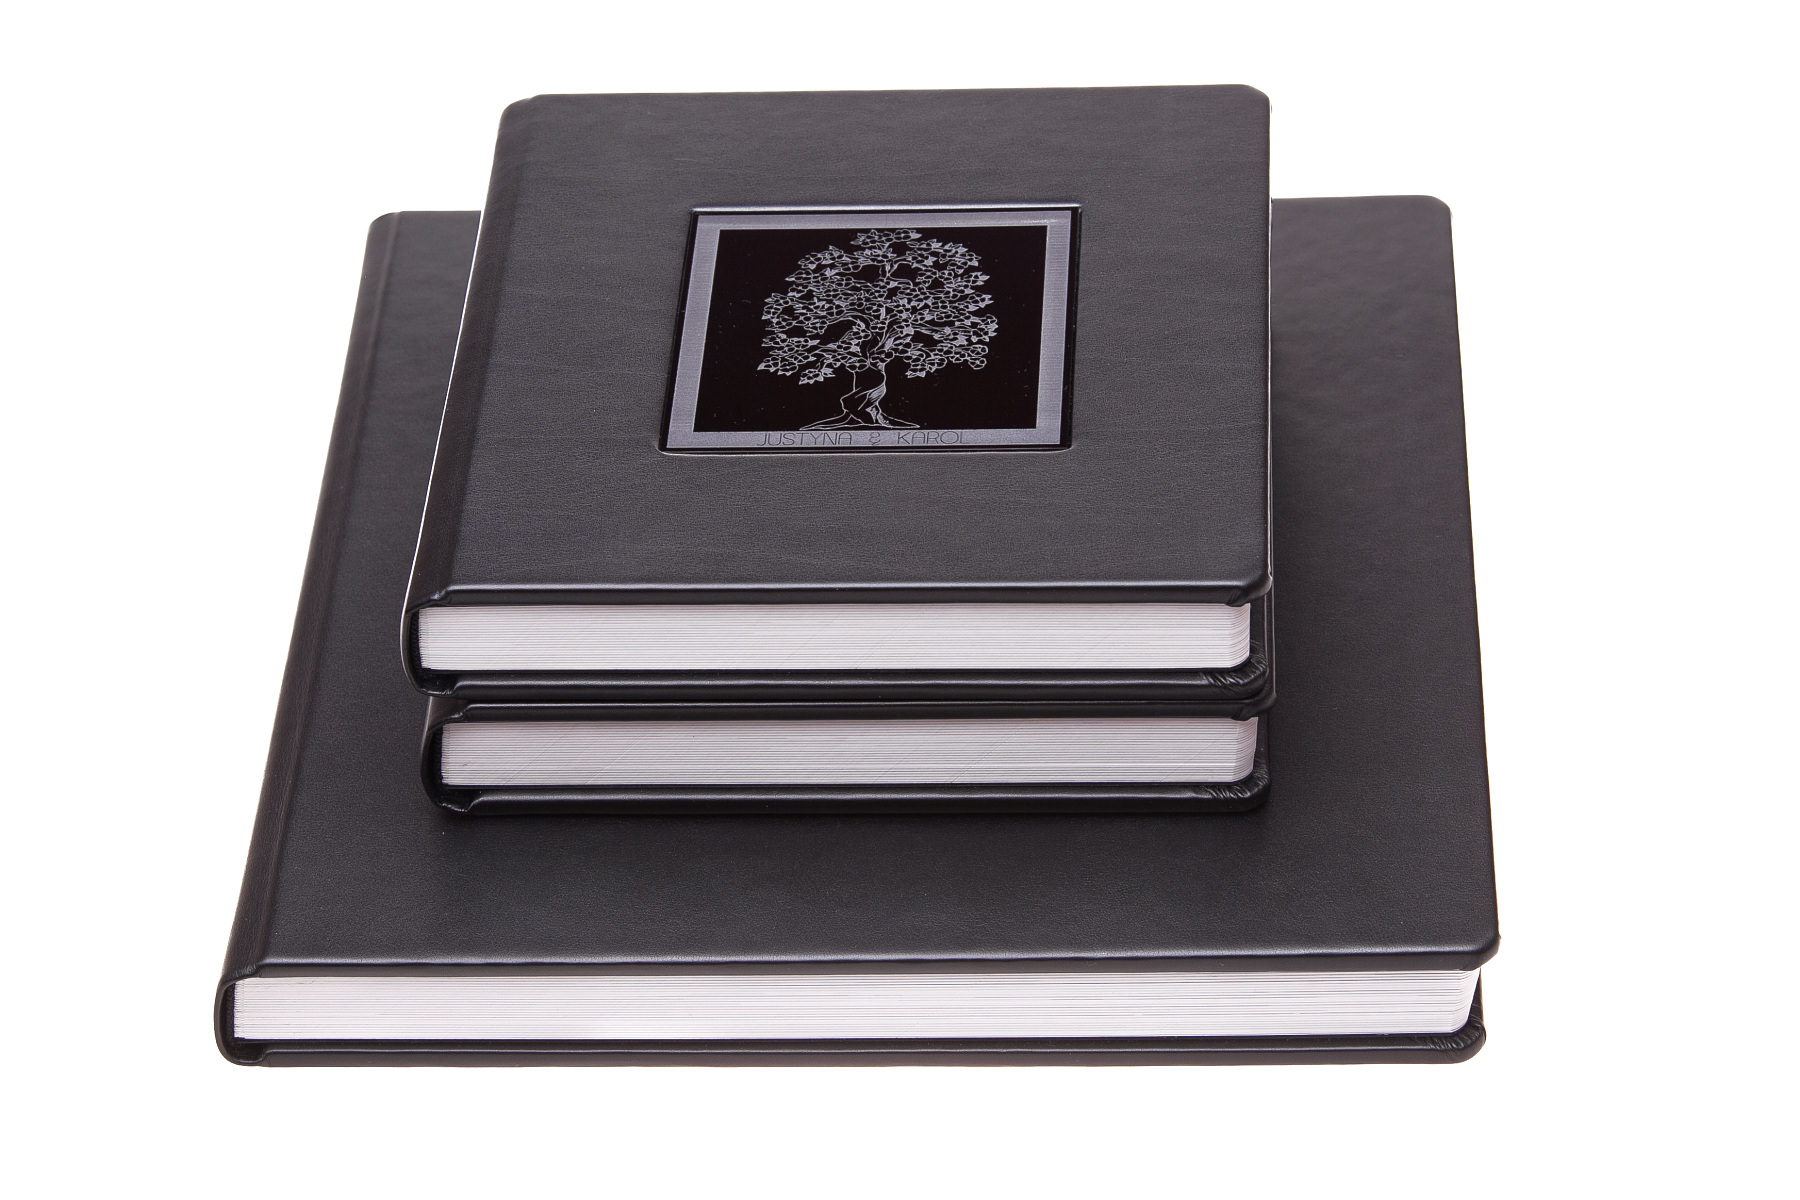 Ekskluzywna fotoksiążka – pakiet 1+2 (album 30x30cm + 2 albumy 20x20cm). Justyna & Karol